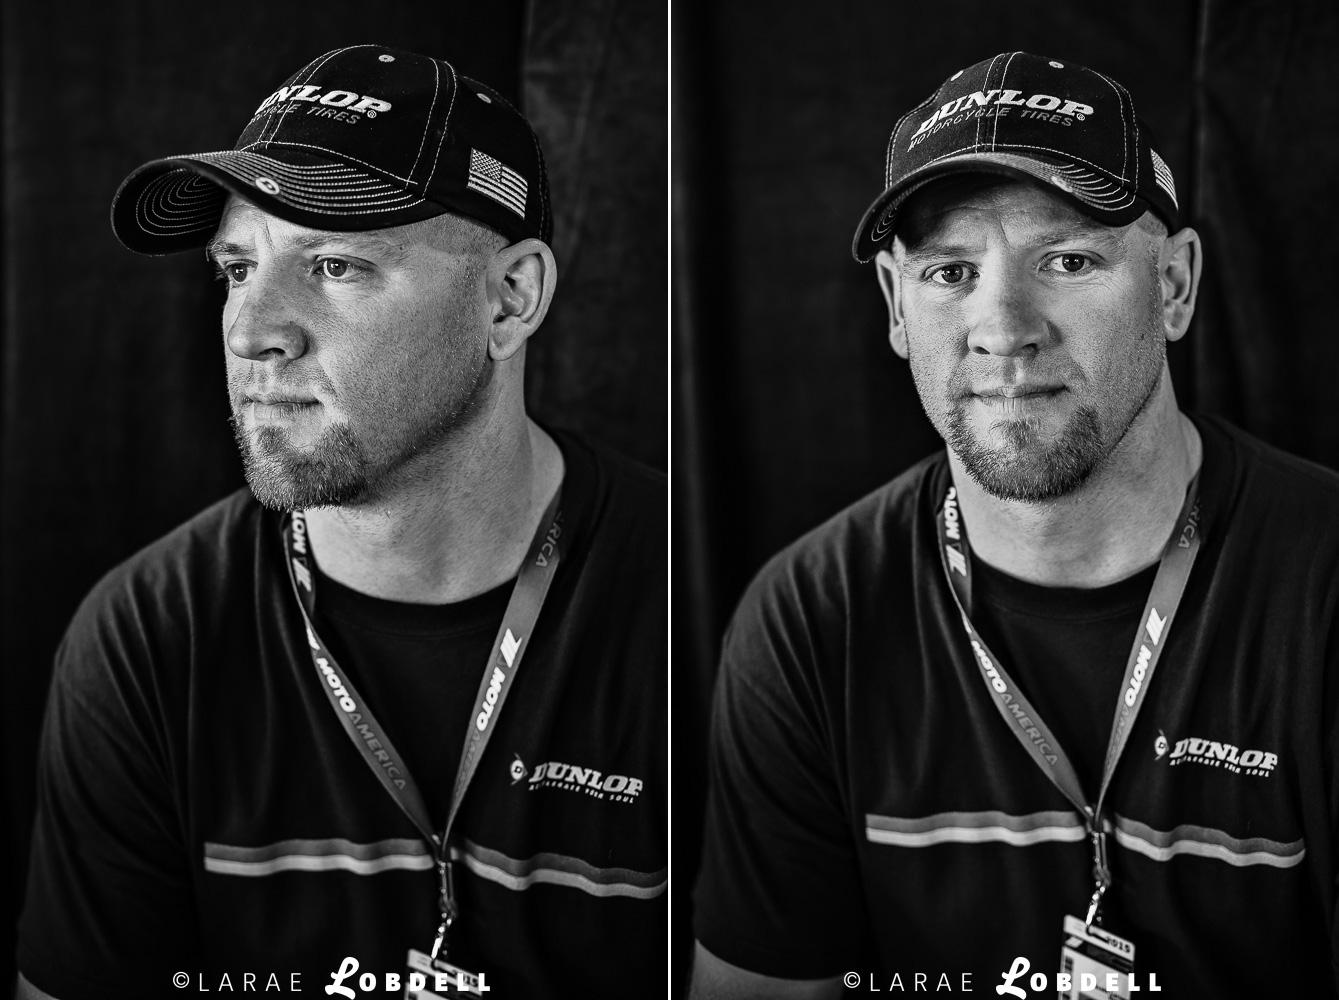 Scott Larsen, fitter crew member for Dunlop, at MotoAmerica at Road America, Elkhart Lake, WI, May 31, 2015